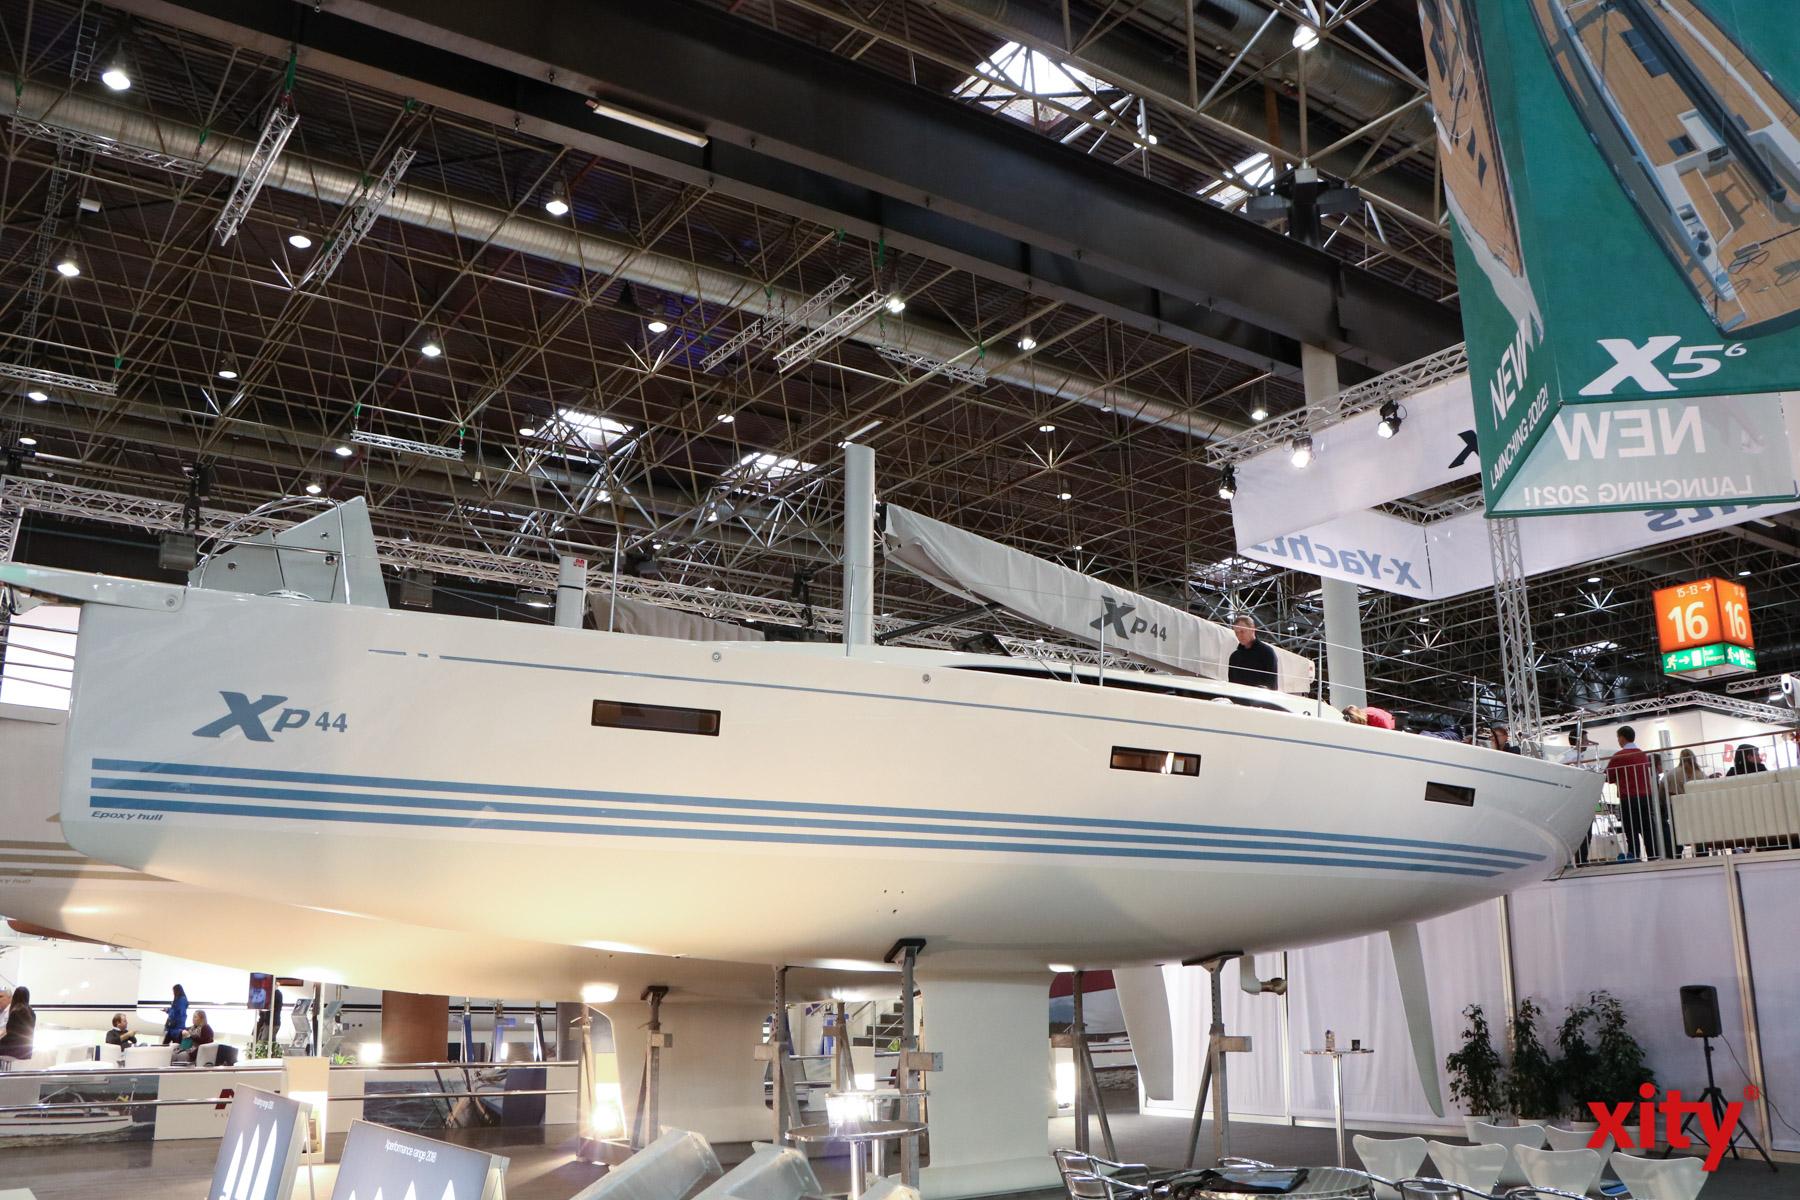 Auch der Blick unters Boot ist auf der Messe möglich (Foto: xity)